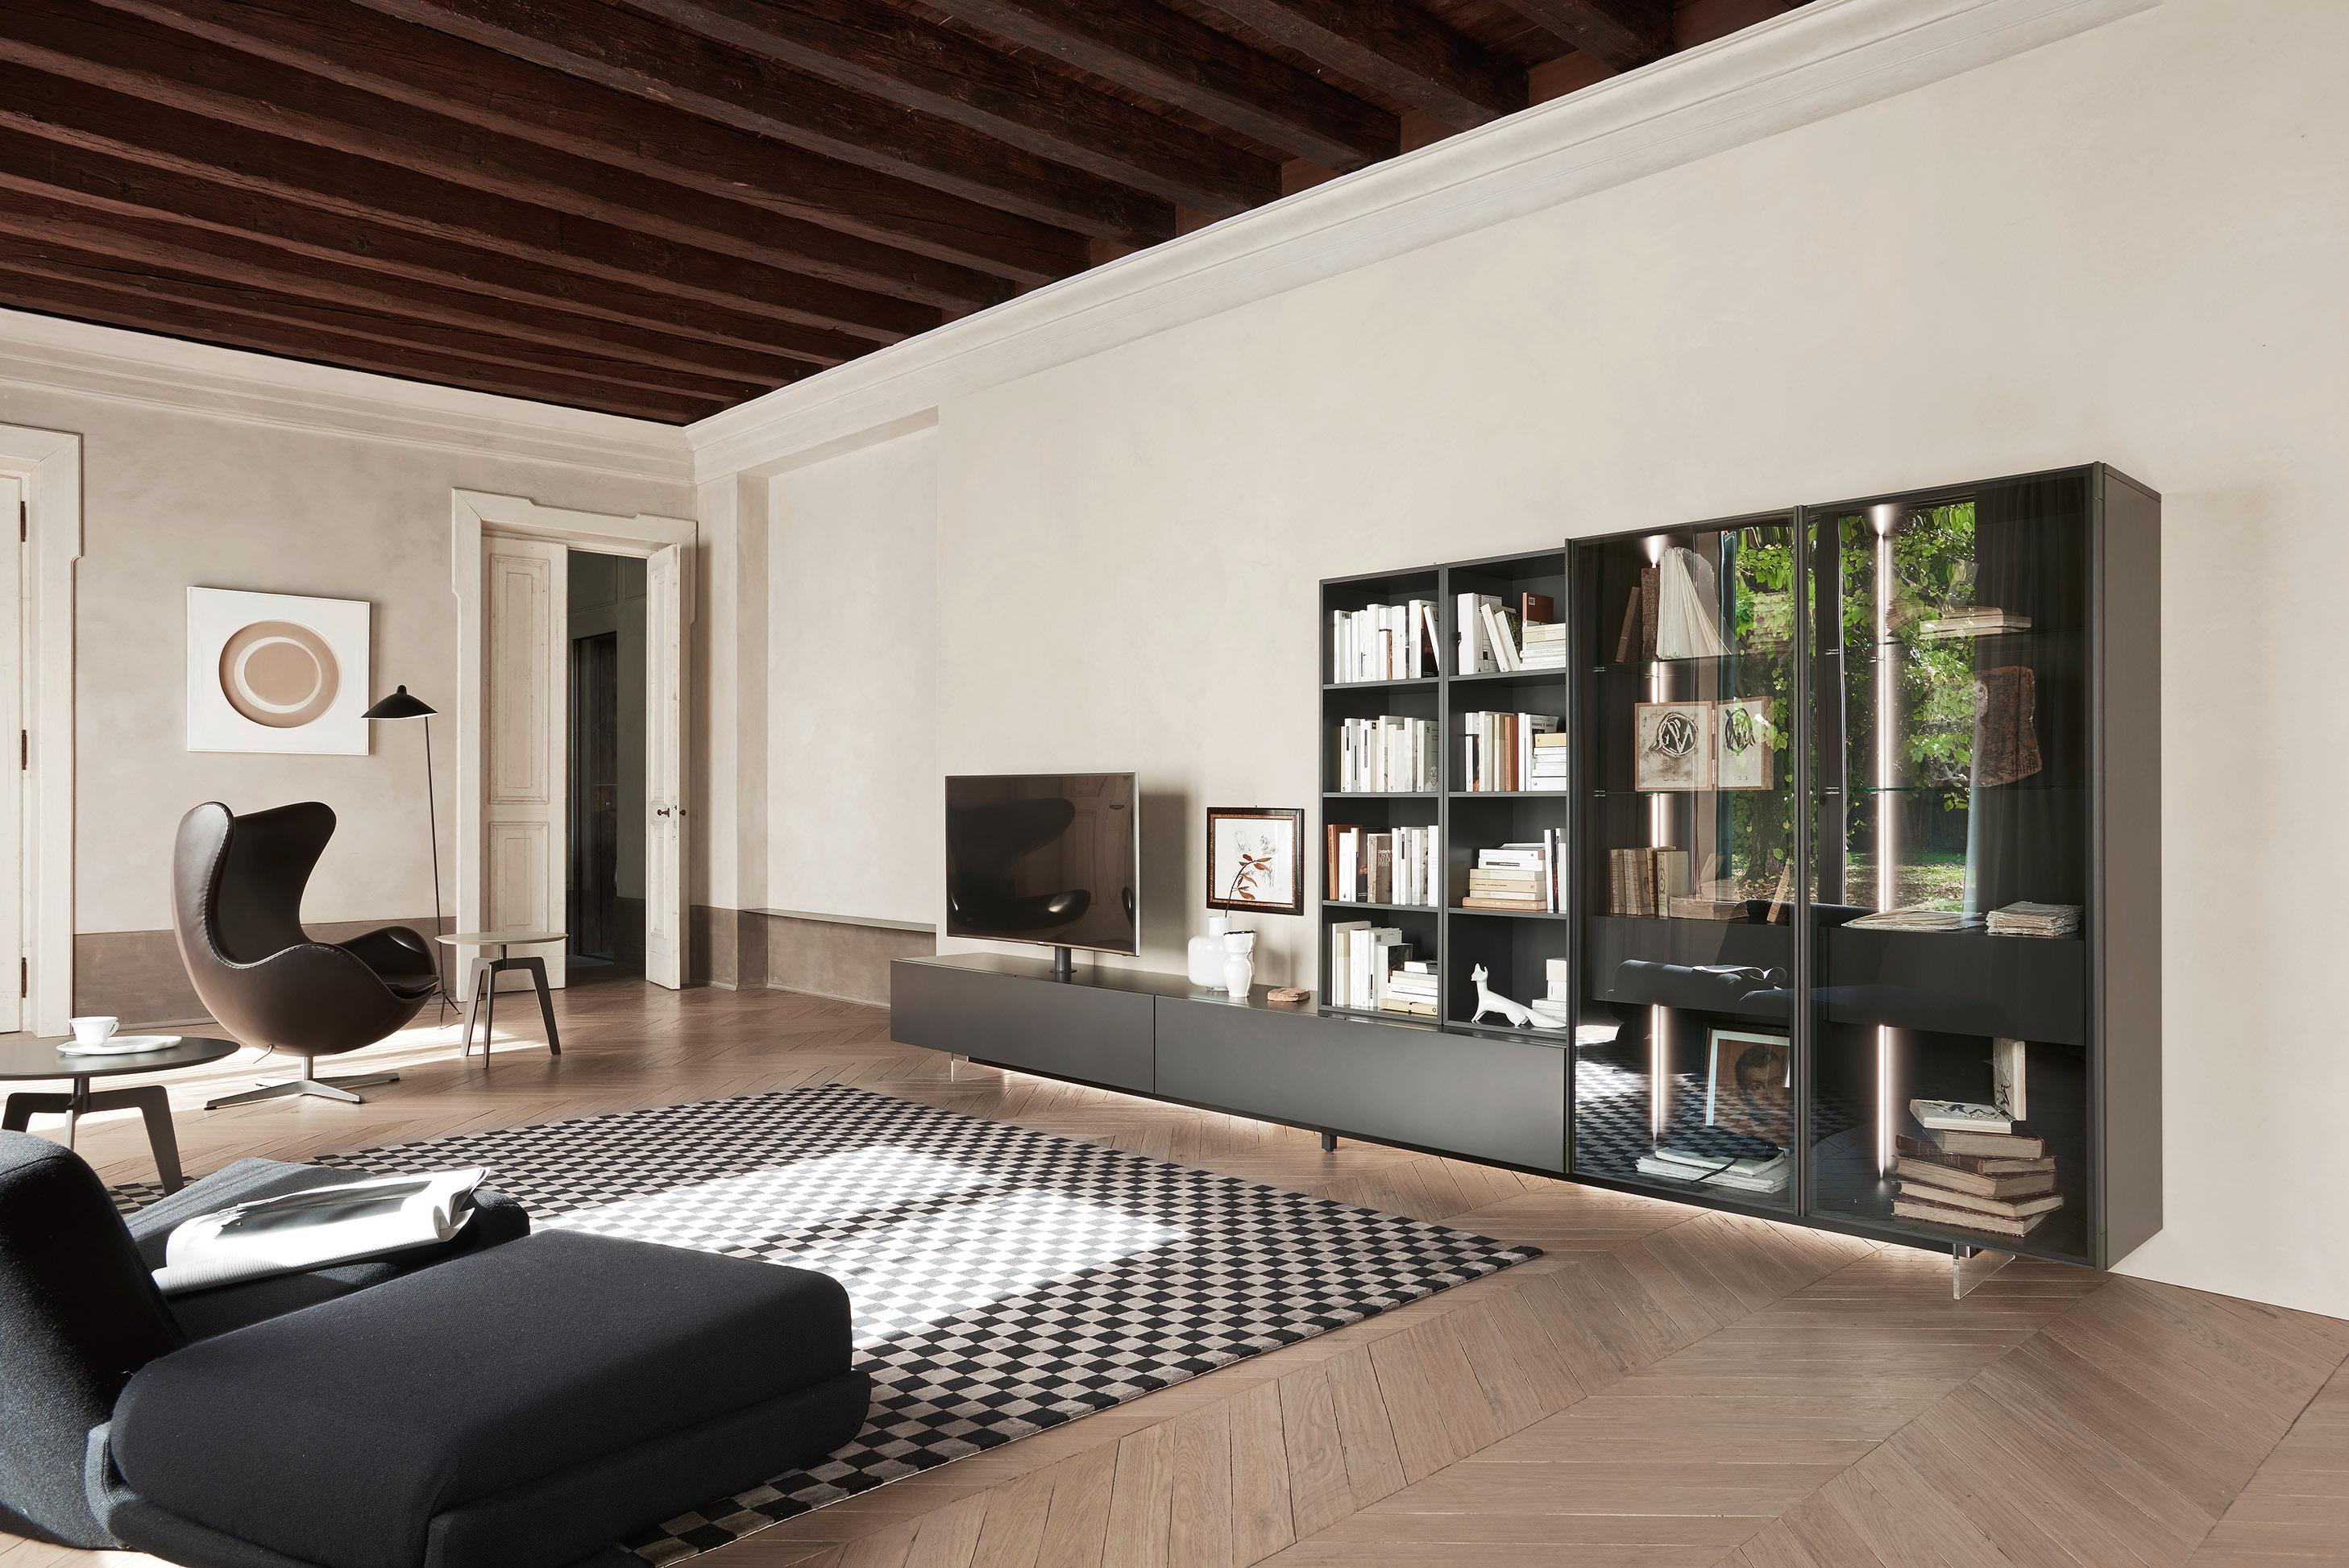 tv-möbel • bilder & ideen • couchstyle, Hause deko